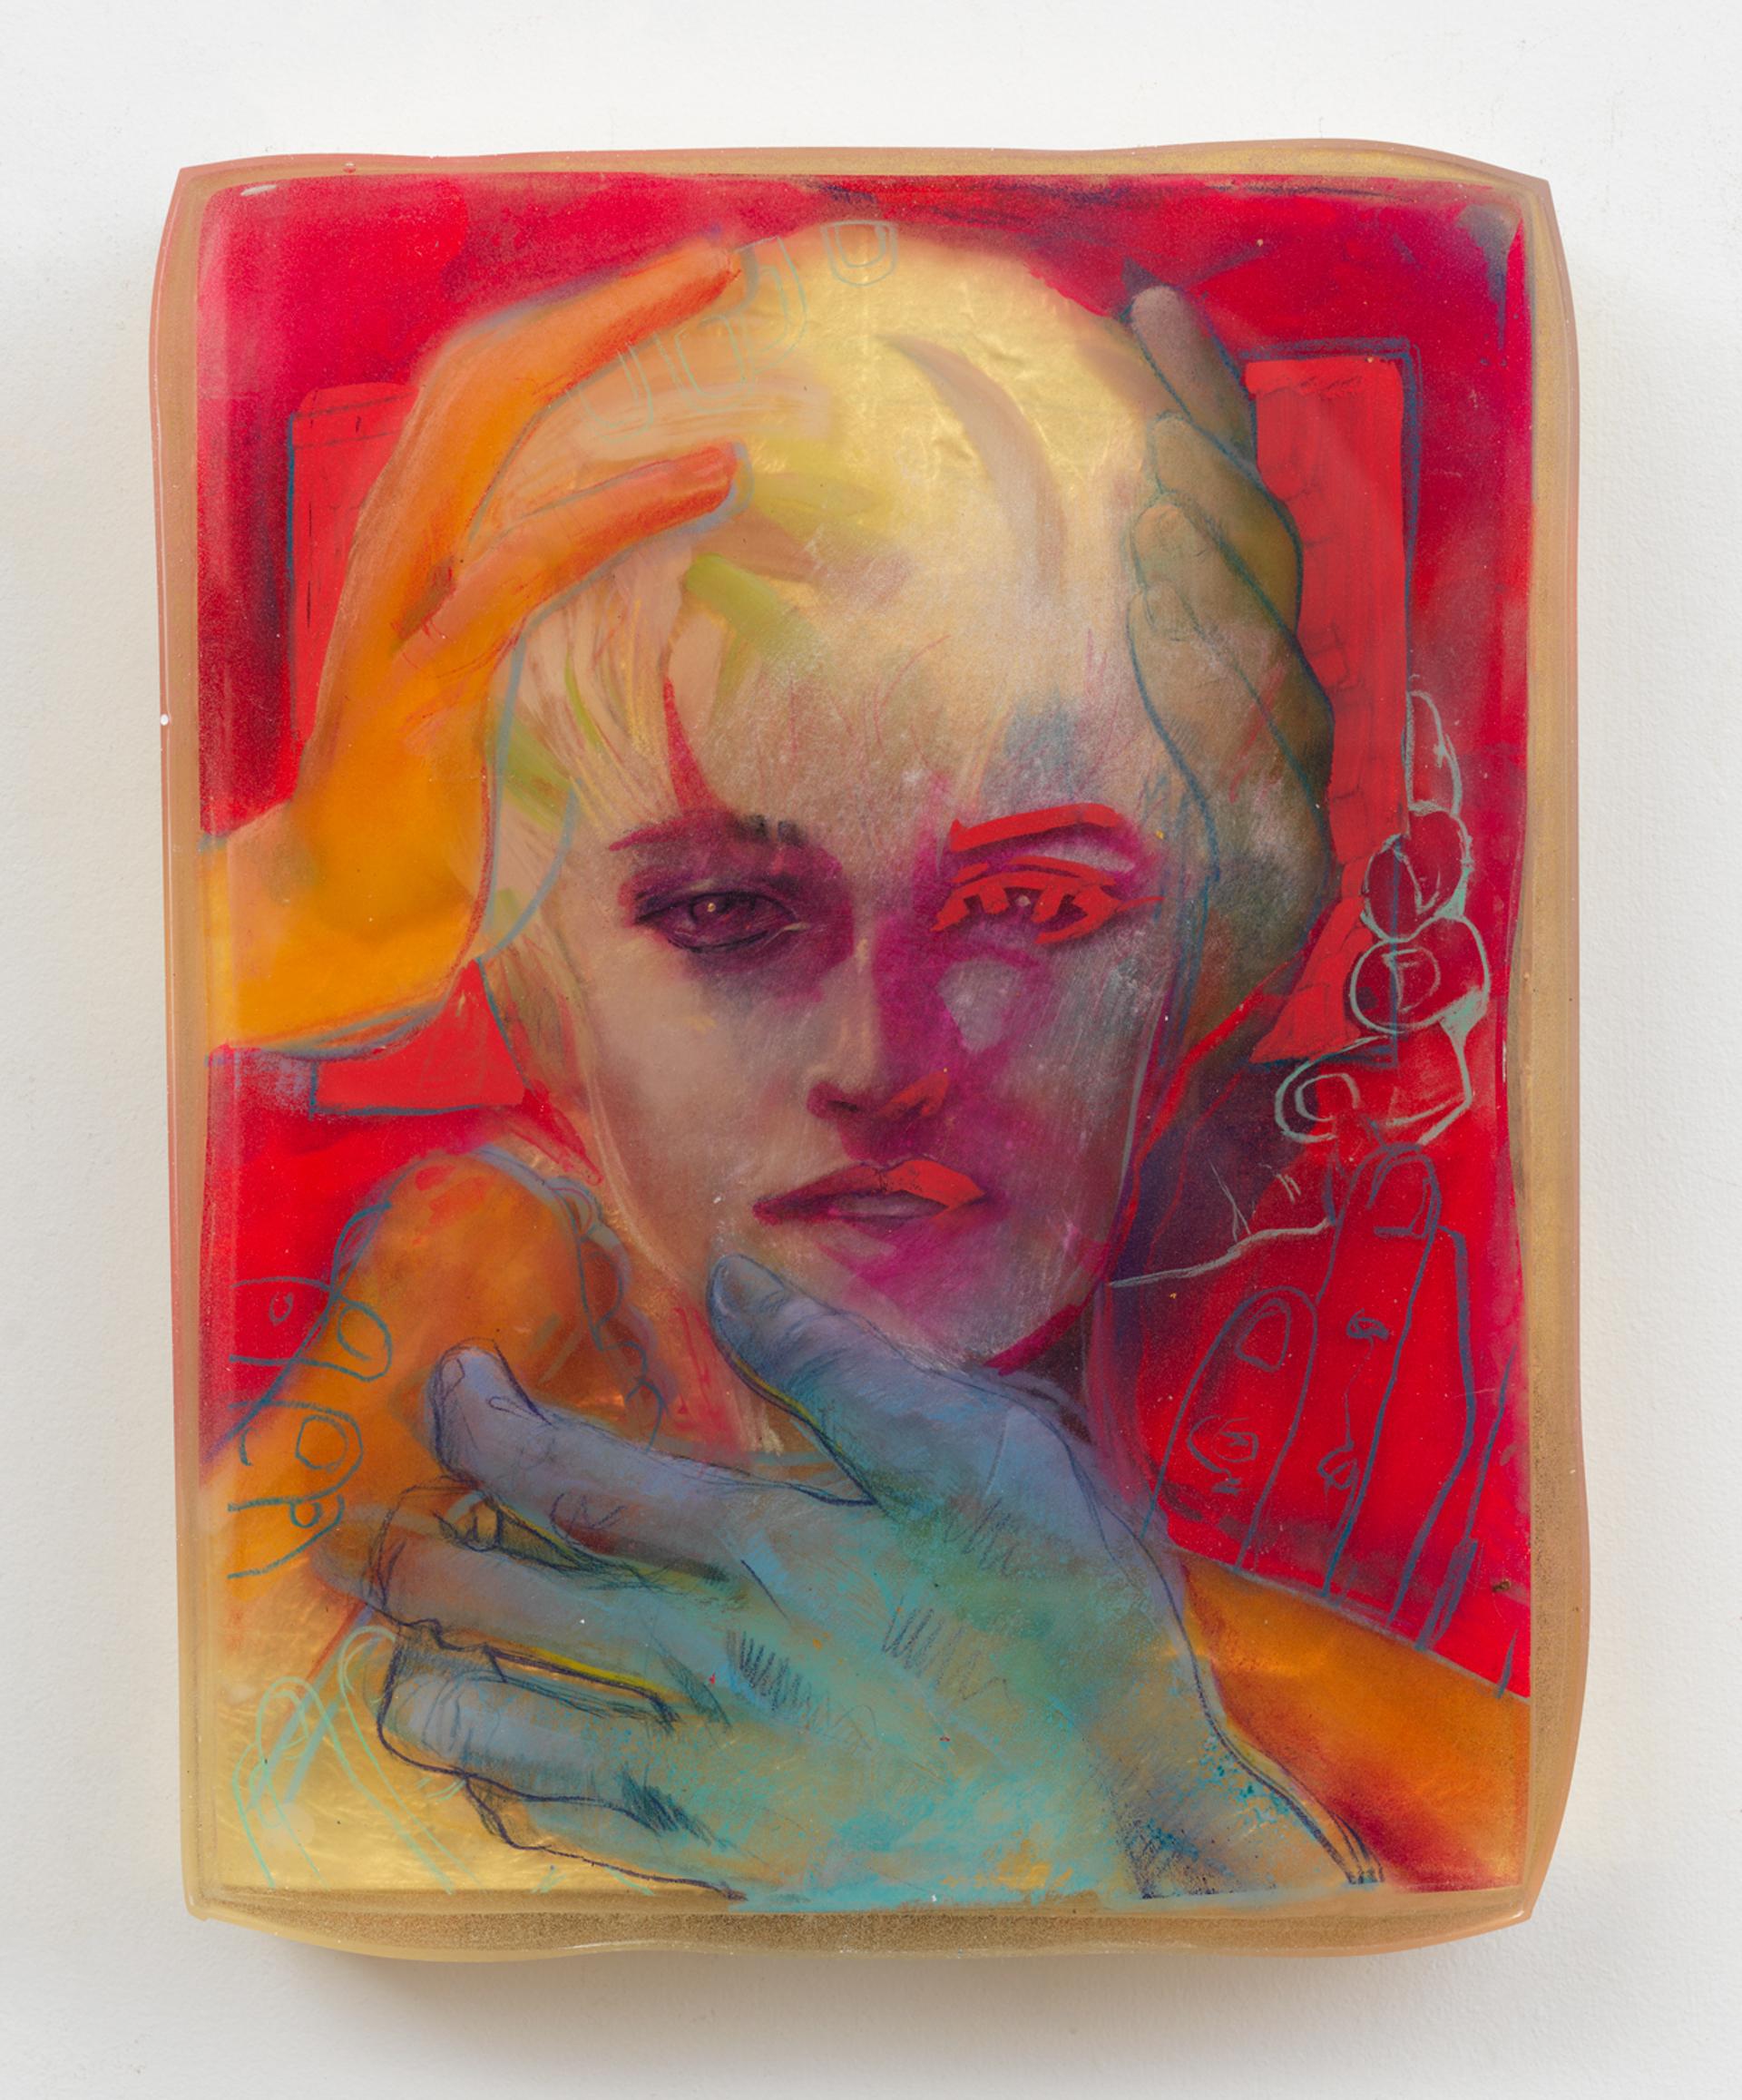 Veronica by Marc Scheff